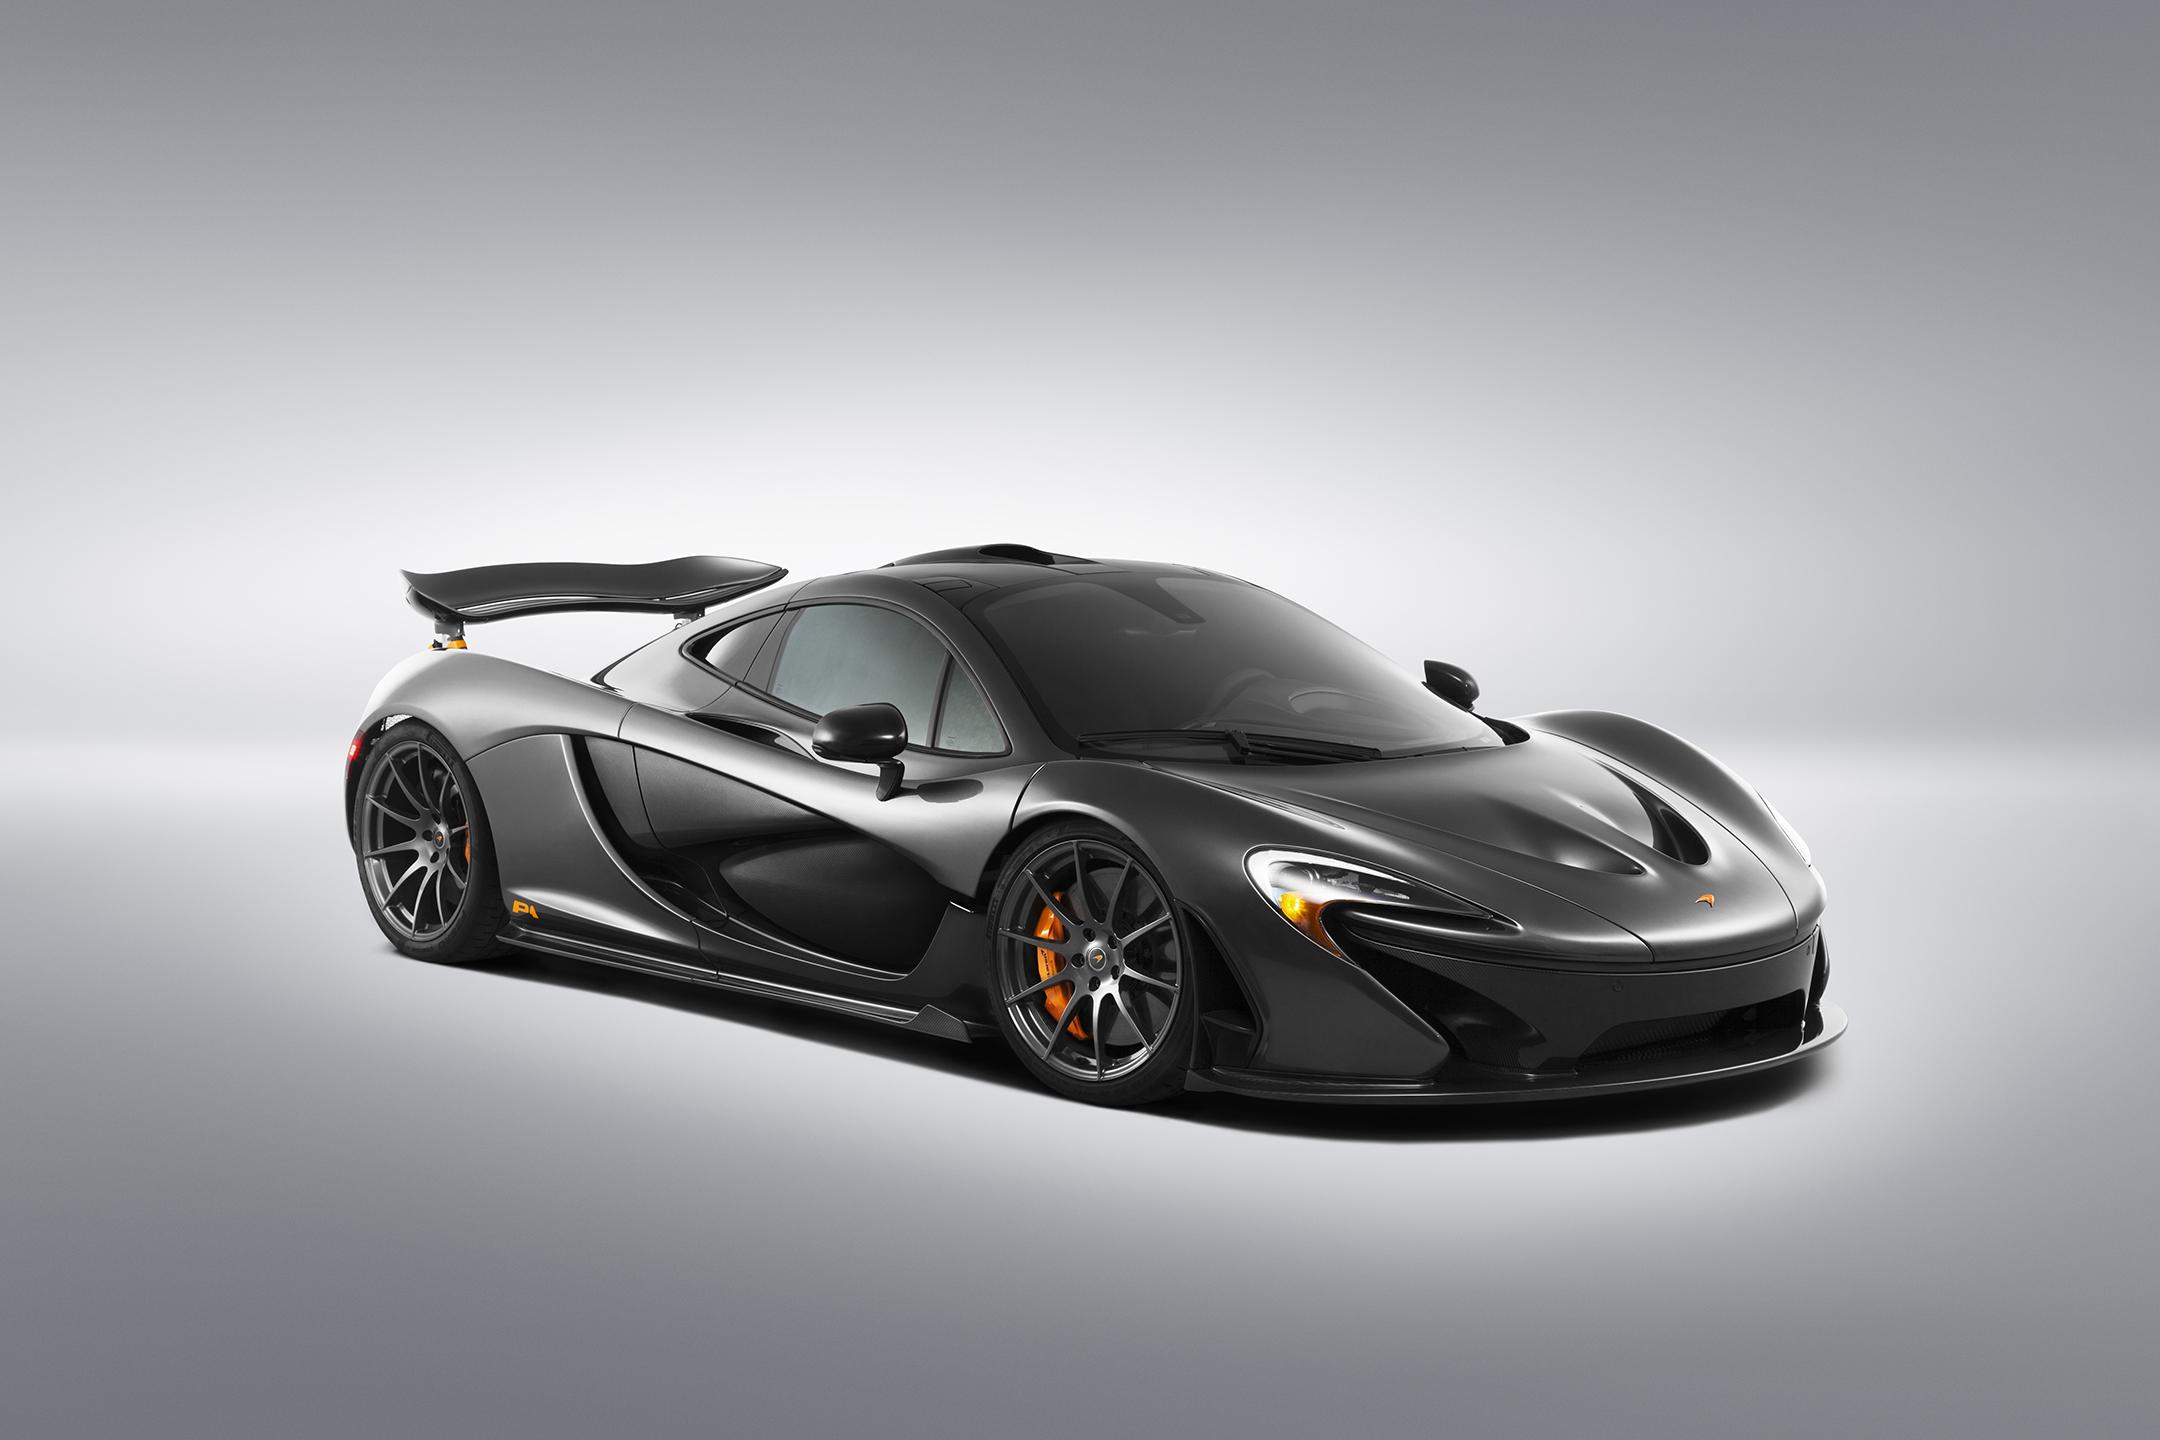 McLaren P1 MSO - 2015 - front side-face / profil avant